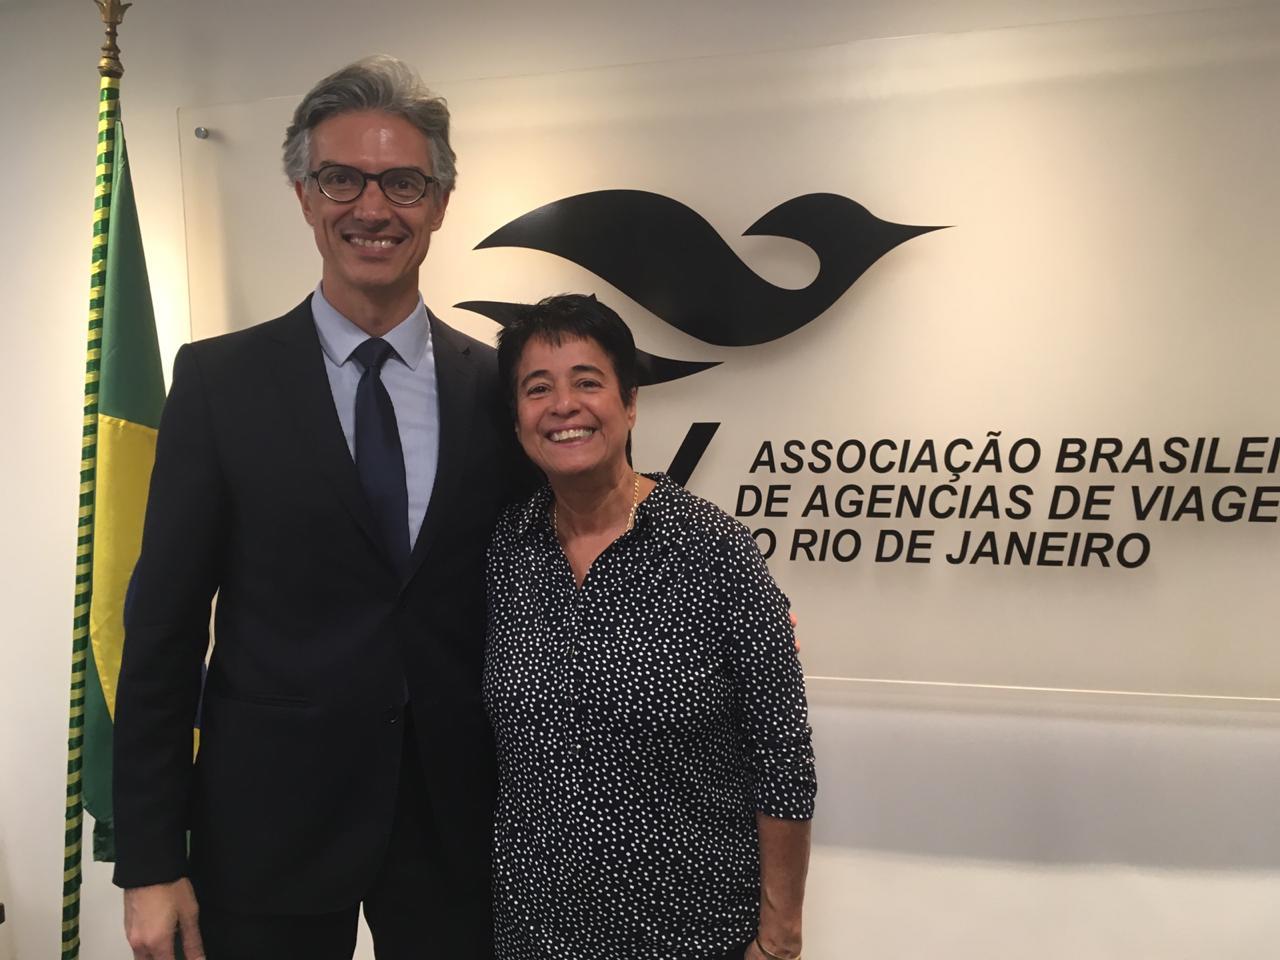 Temporada de cruzeiros no Brasil 2019/2020